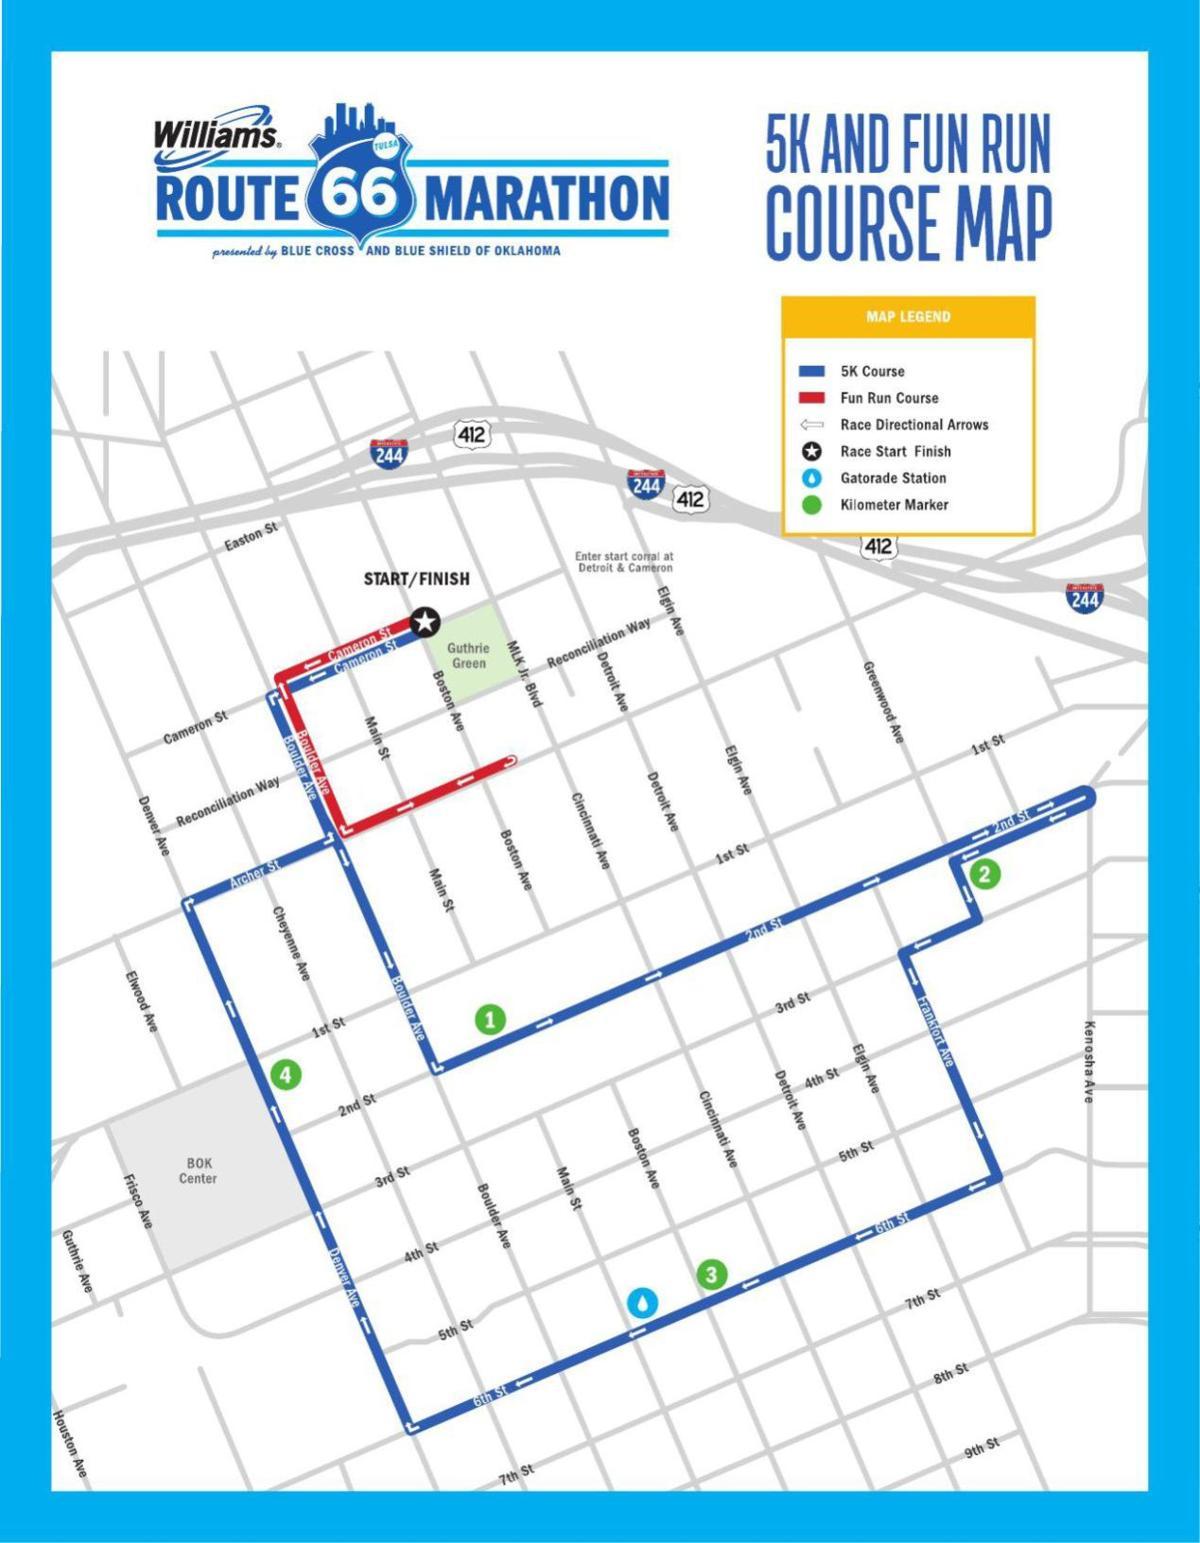 5K and Fun Run Course Map